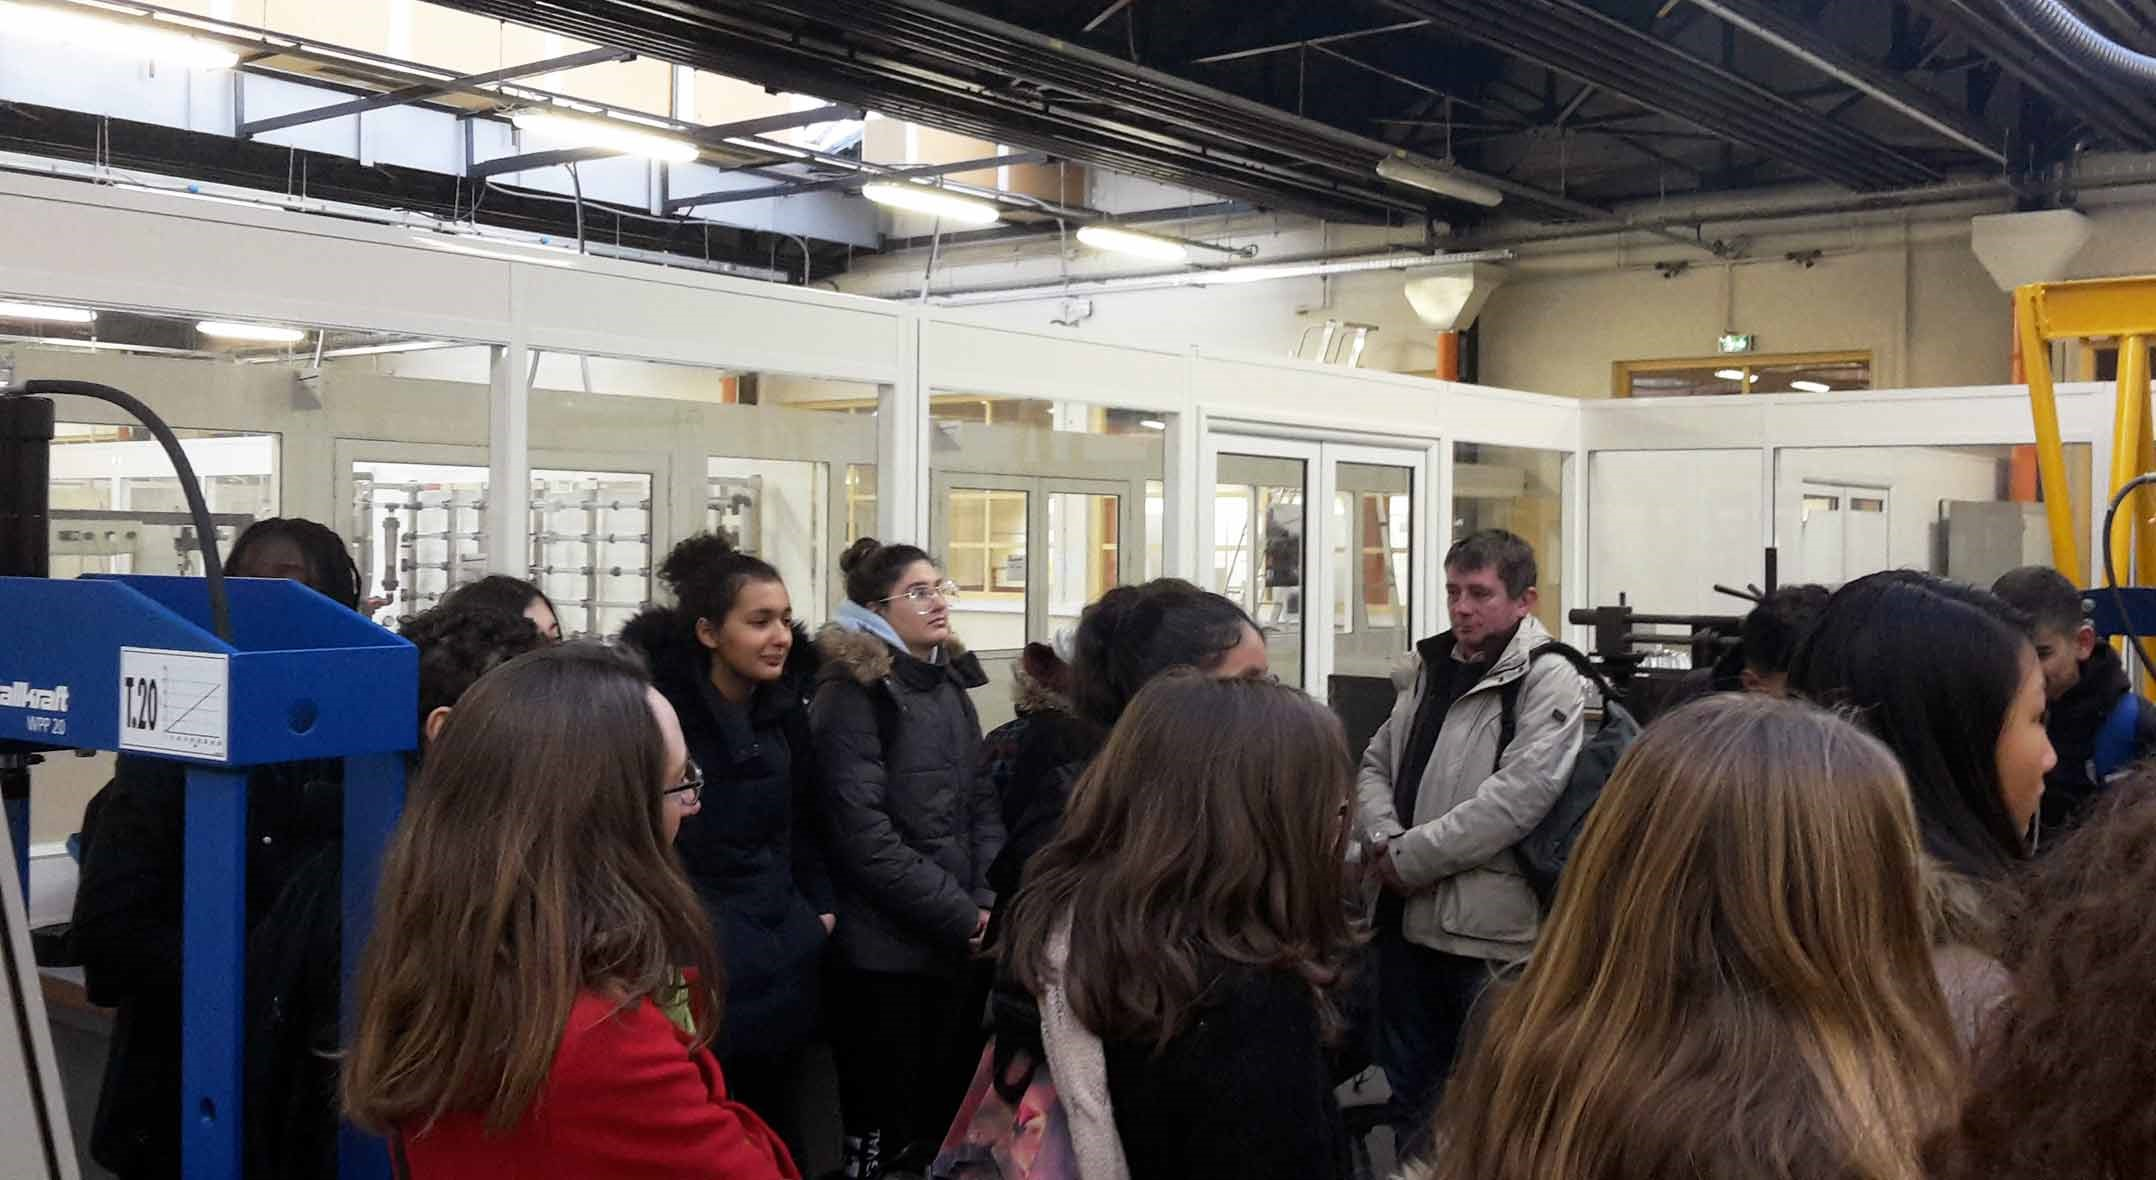 Photo - Les élèves du Collège Jean Macé attentifs aux démonstrations dans la Hall GMP